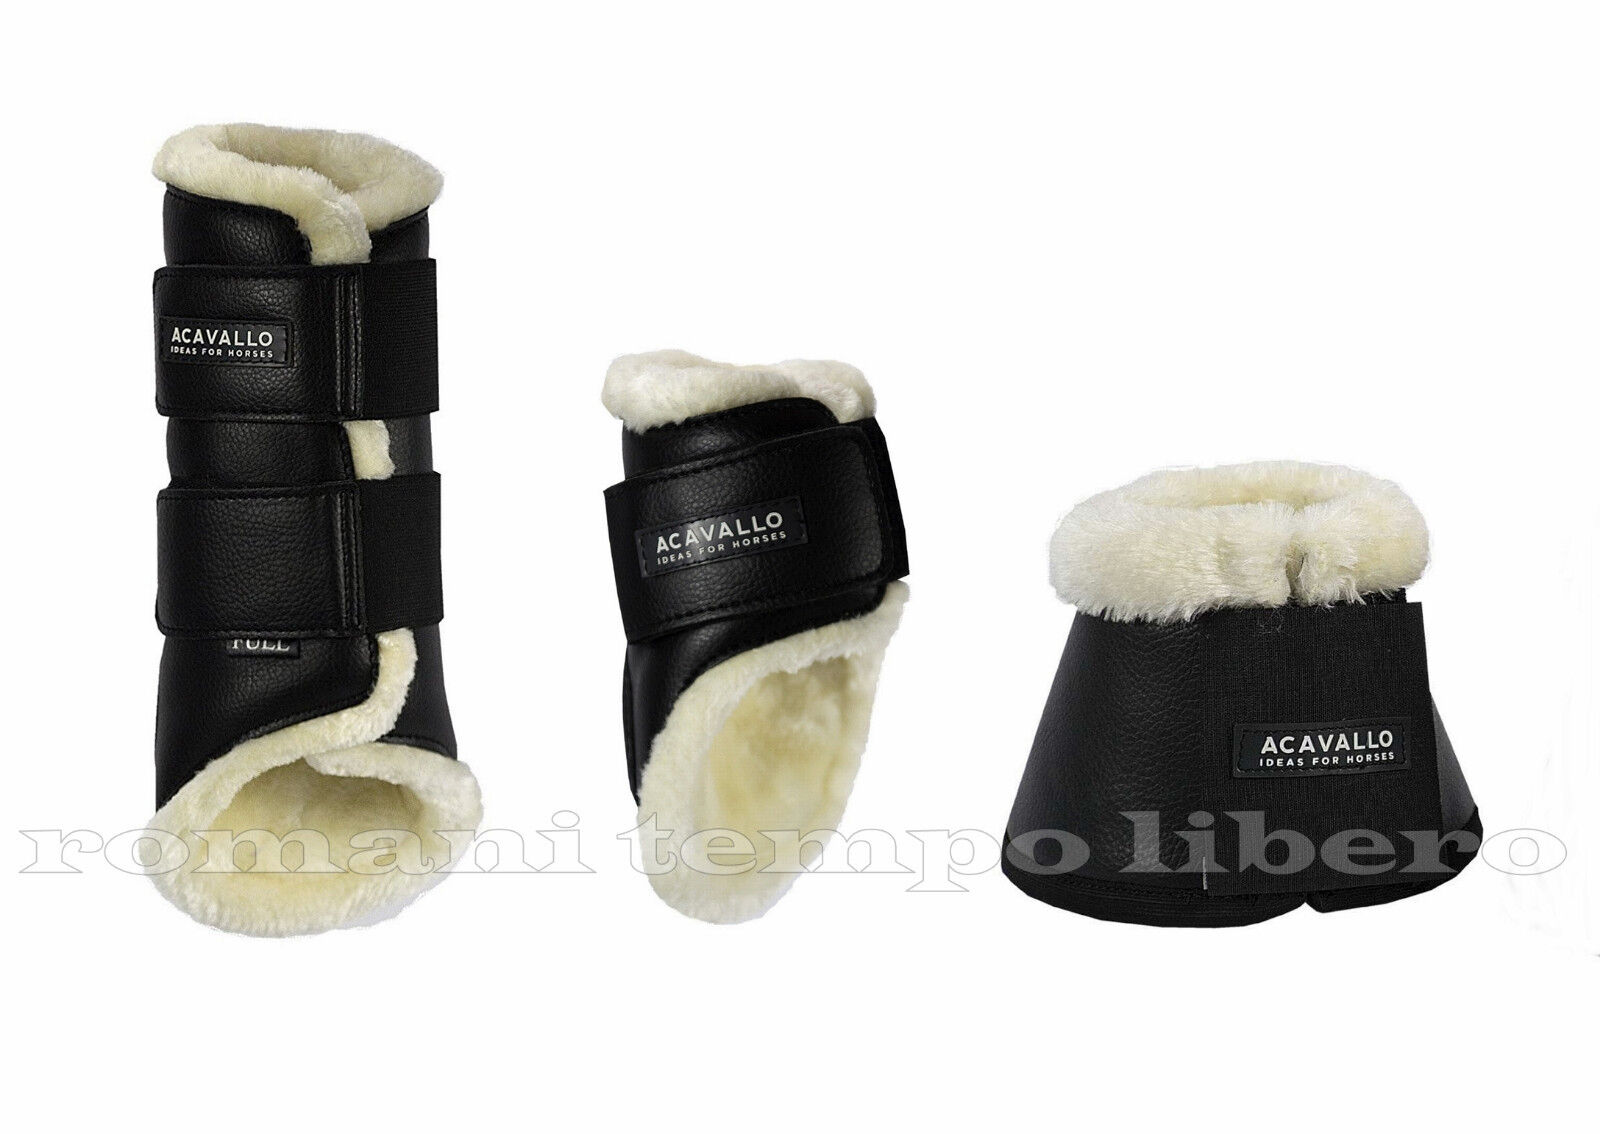 Stinchiere e protezioni ACavallo in pelle e agnellino agnellino e ab5986